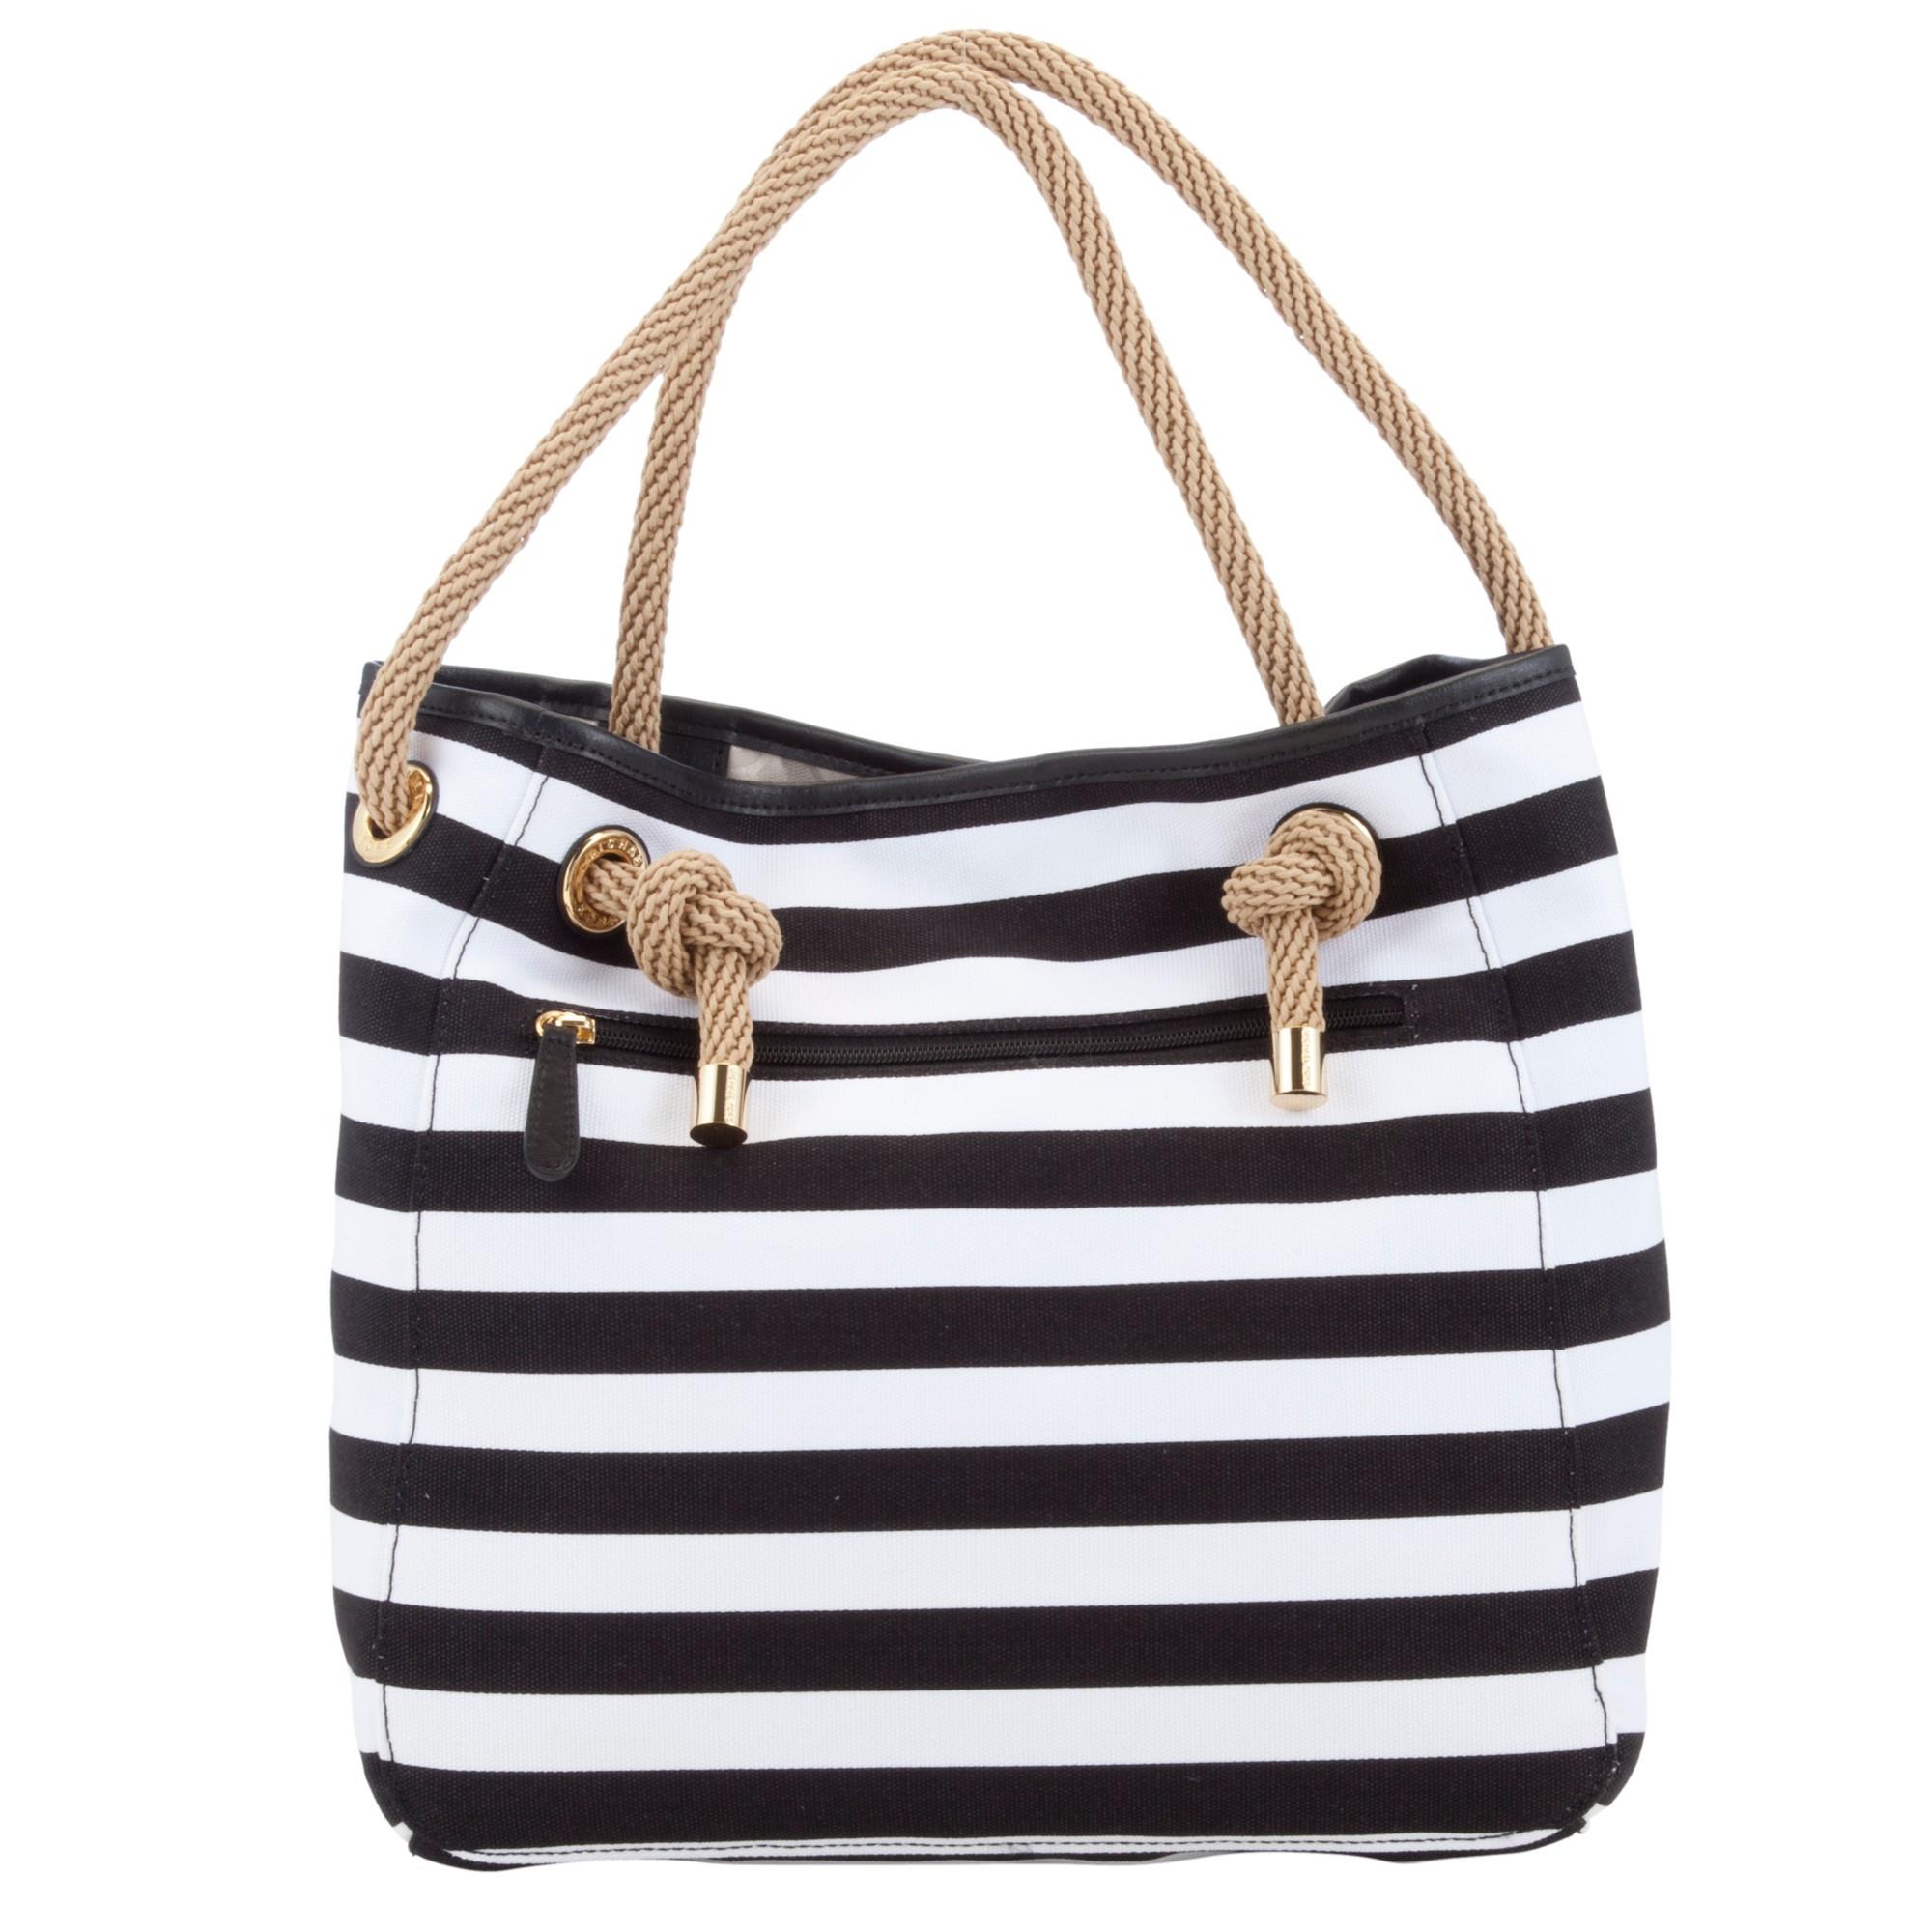 Michael Kors Marina Grab Bag